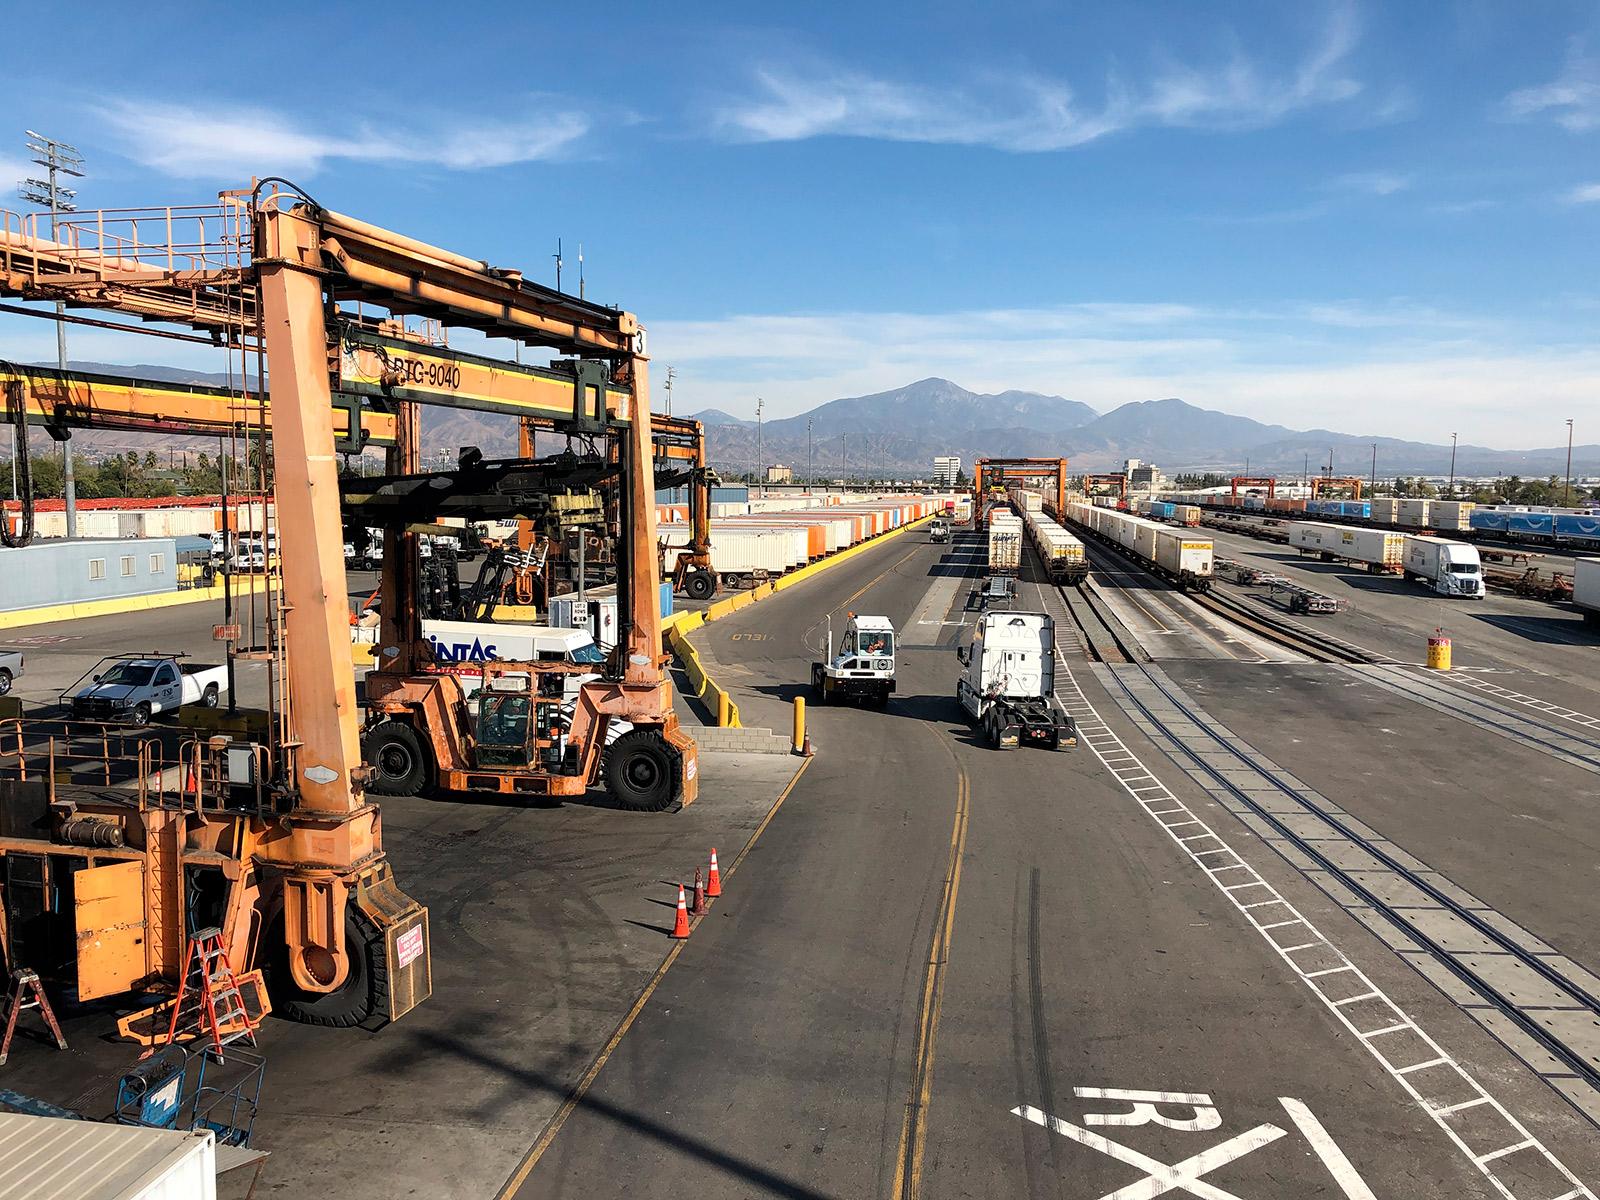 BNSF Railyard San Bernardino